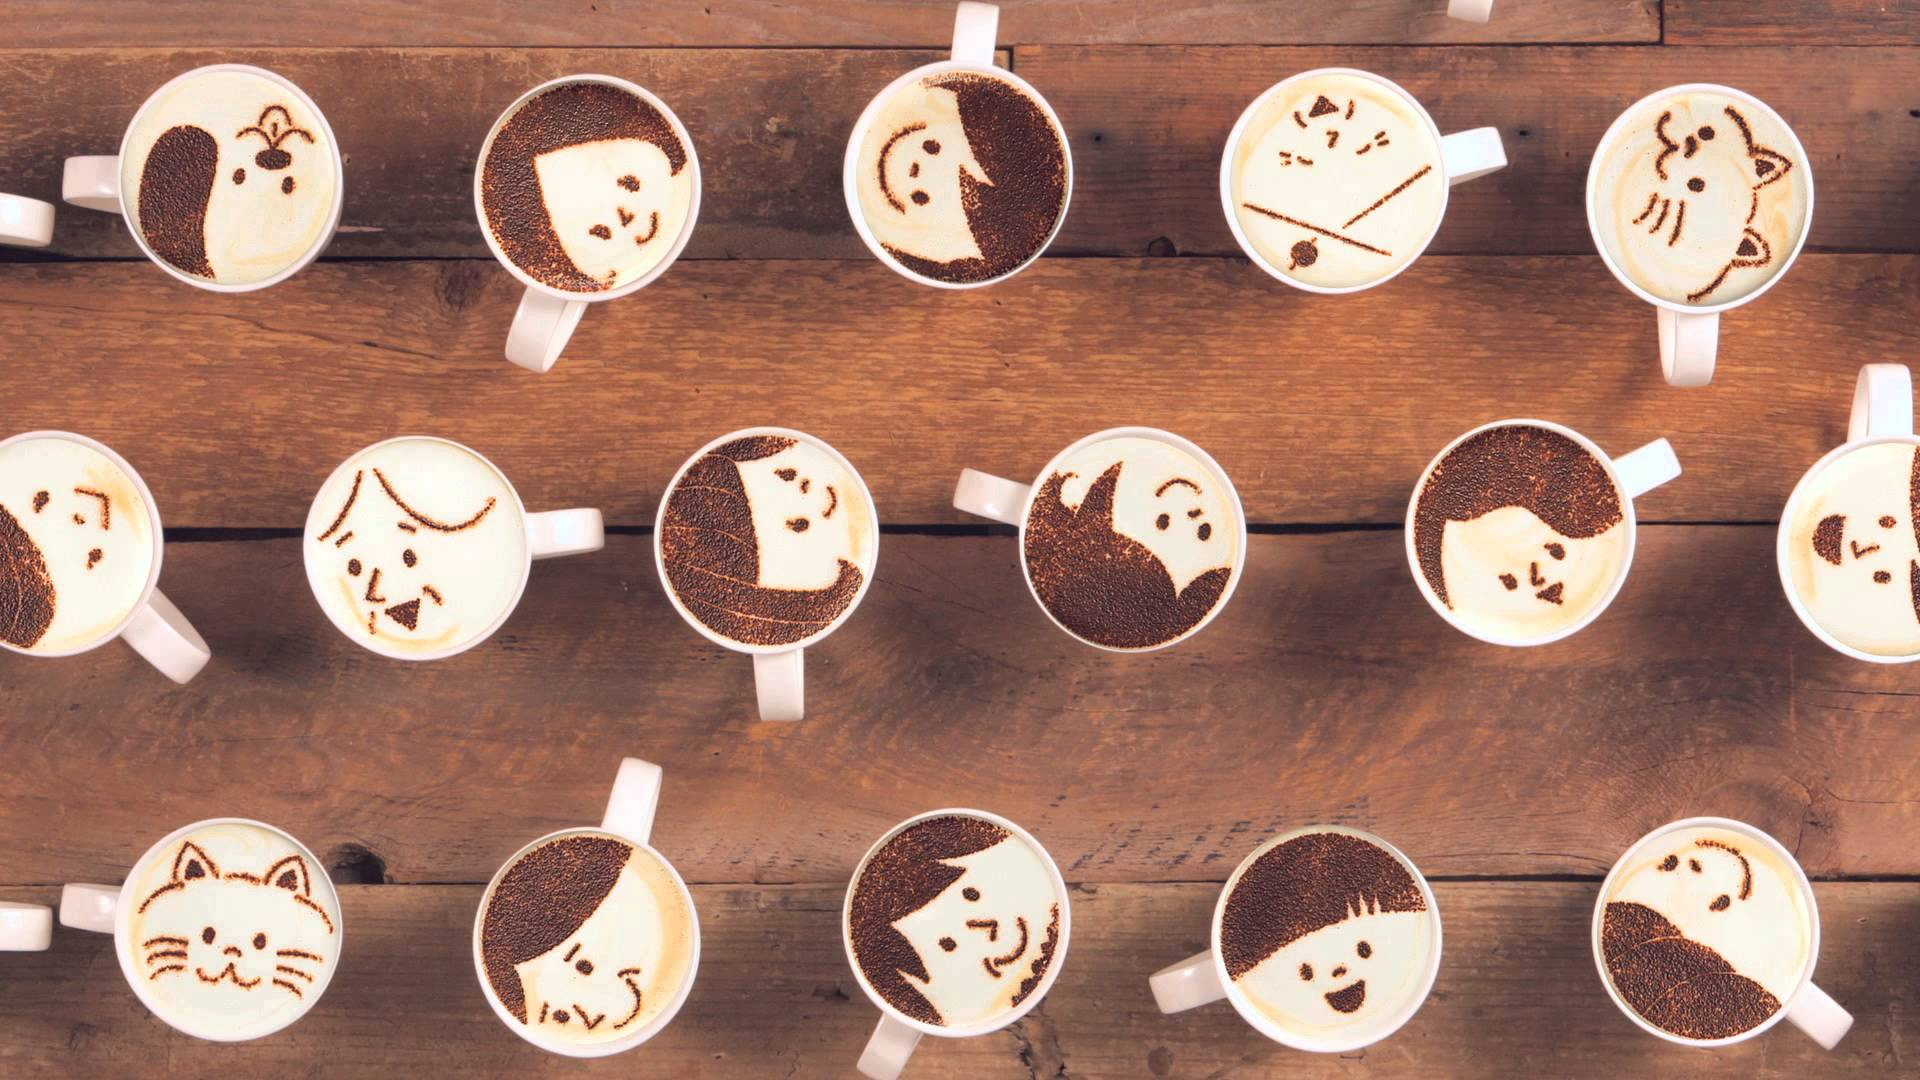 publicité maxim stick latte